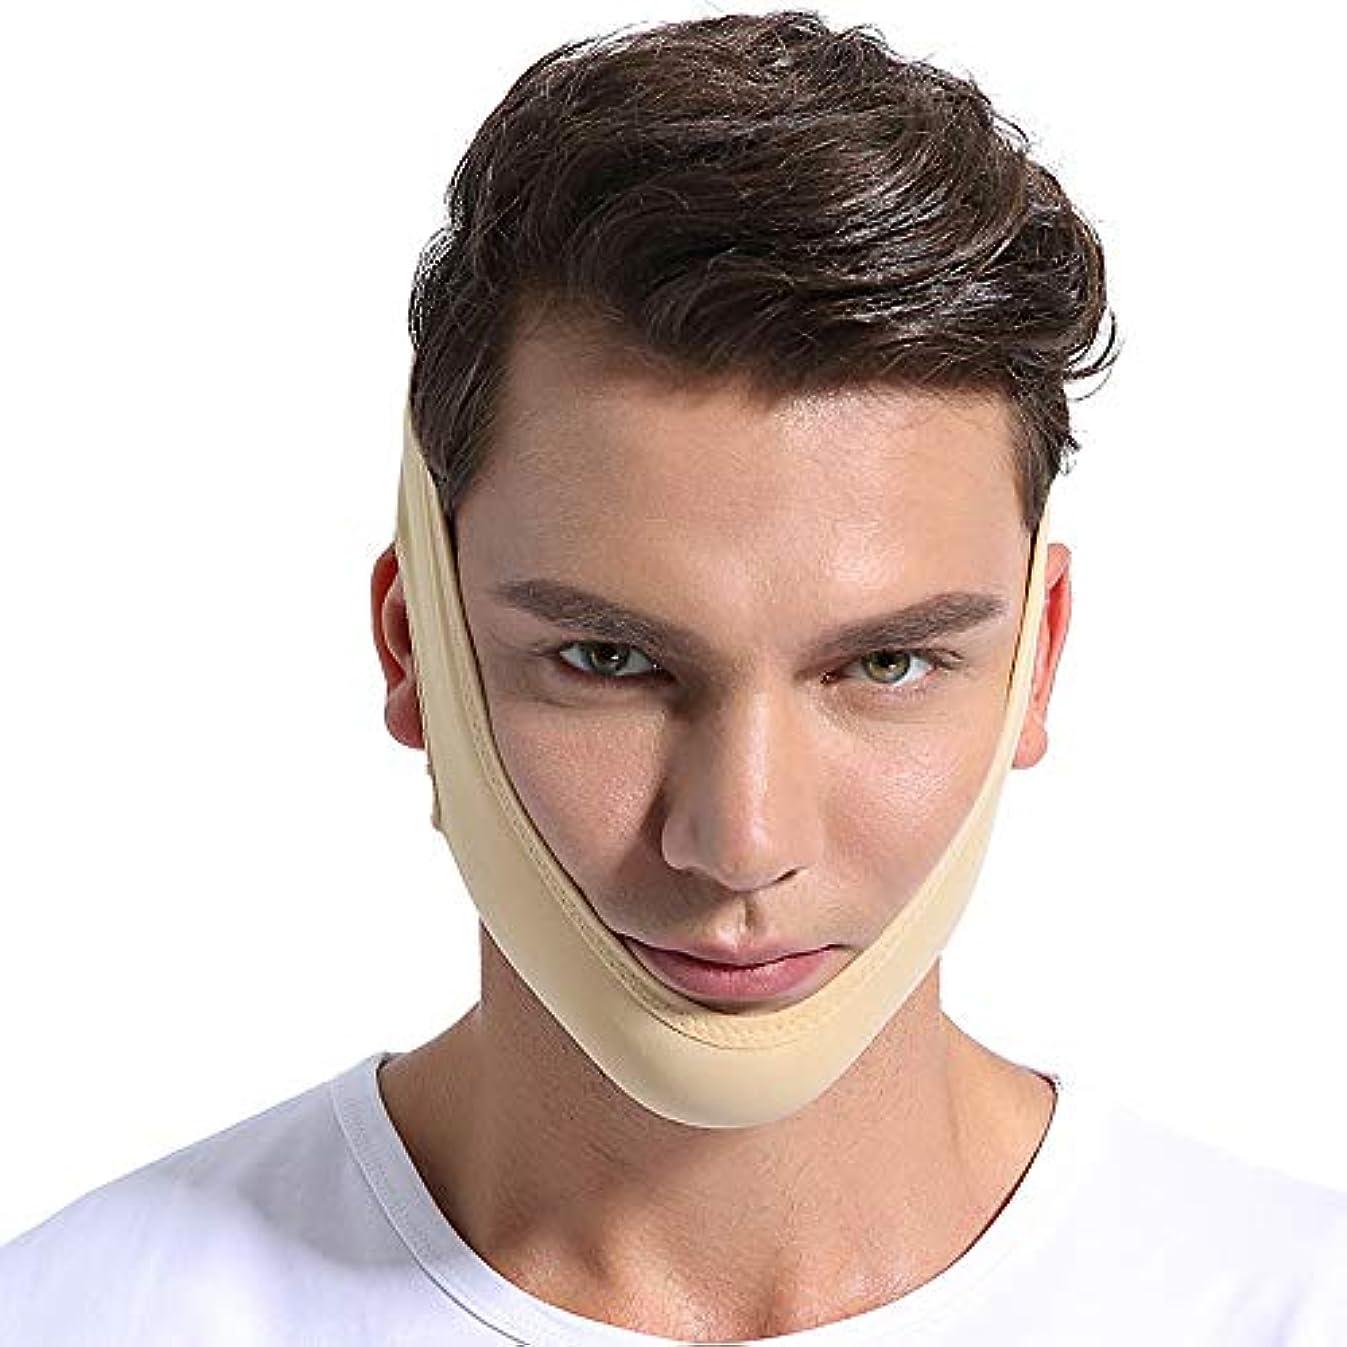 同一の部分的取り戻す女性用フェイススリミングマスク、ウェルネスマスク、フェイスケア用フェイスバンデージフェイシャルスリミングマスクシンネックフェイスリフトダブルチンVフェイスラインアンチストレスマスクスムース通気性スリムアップベルトストラップ